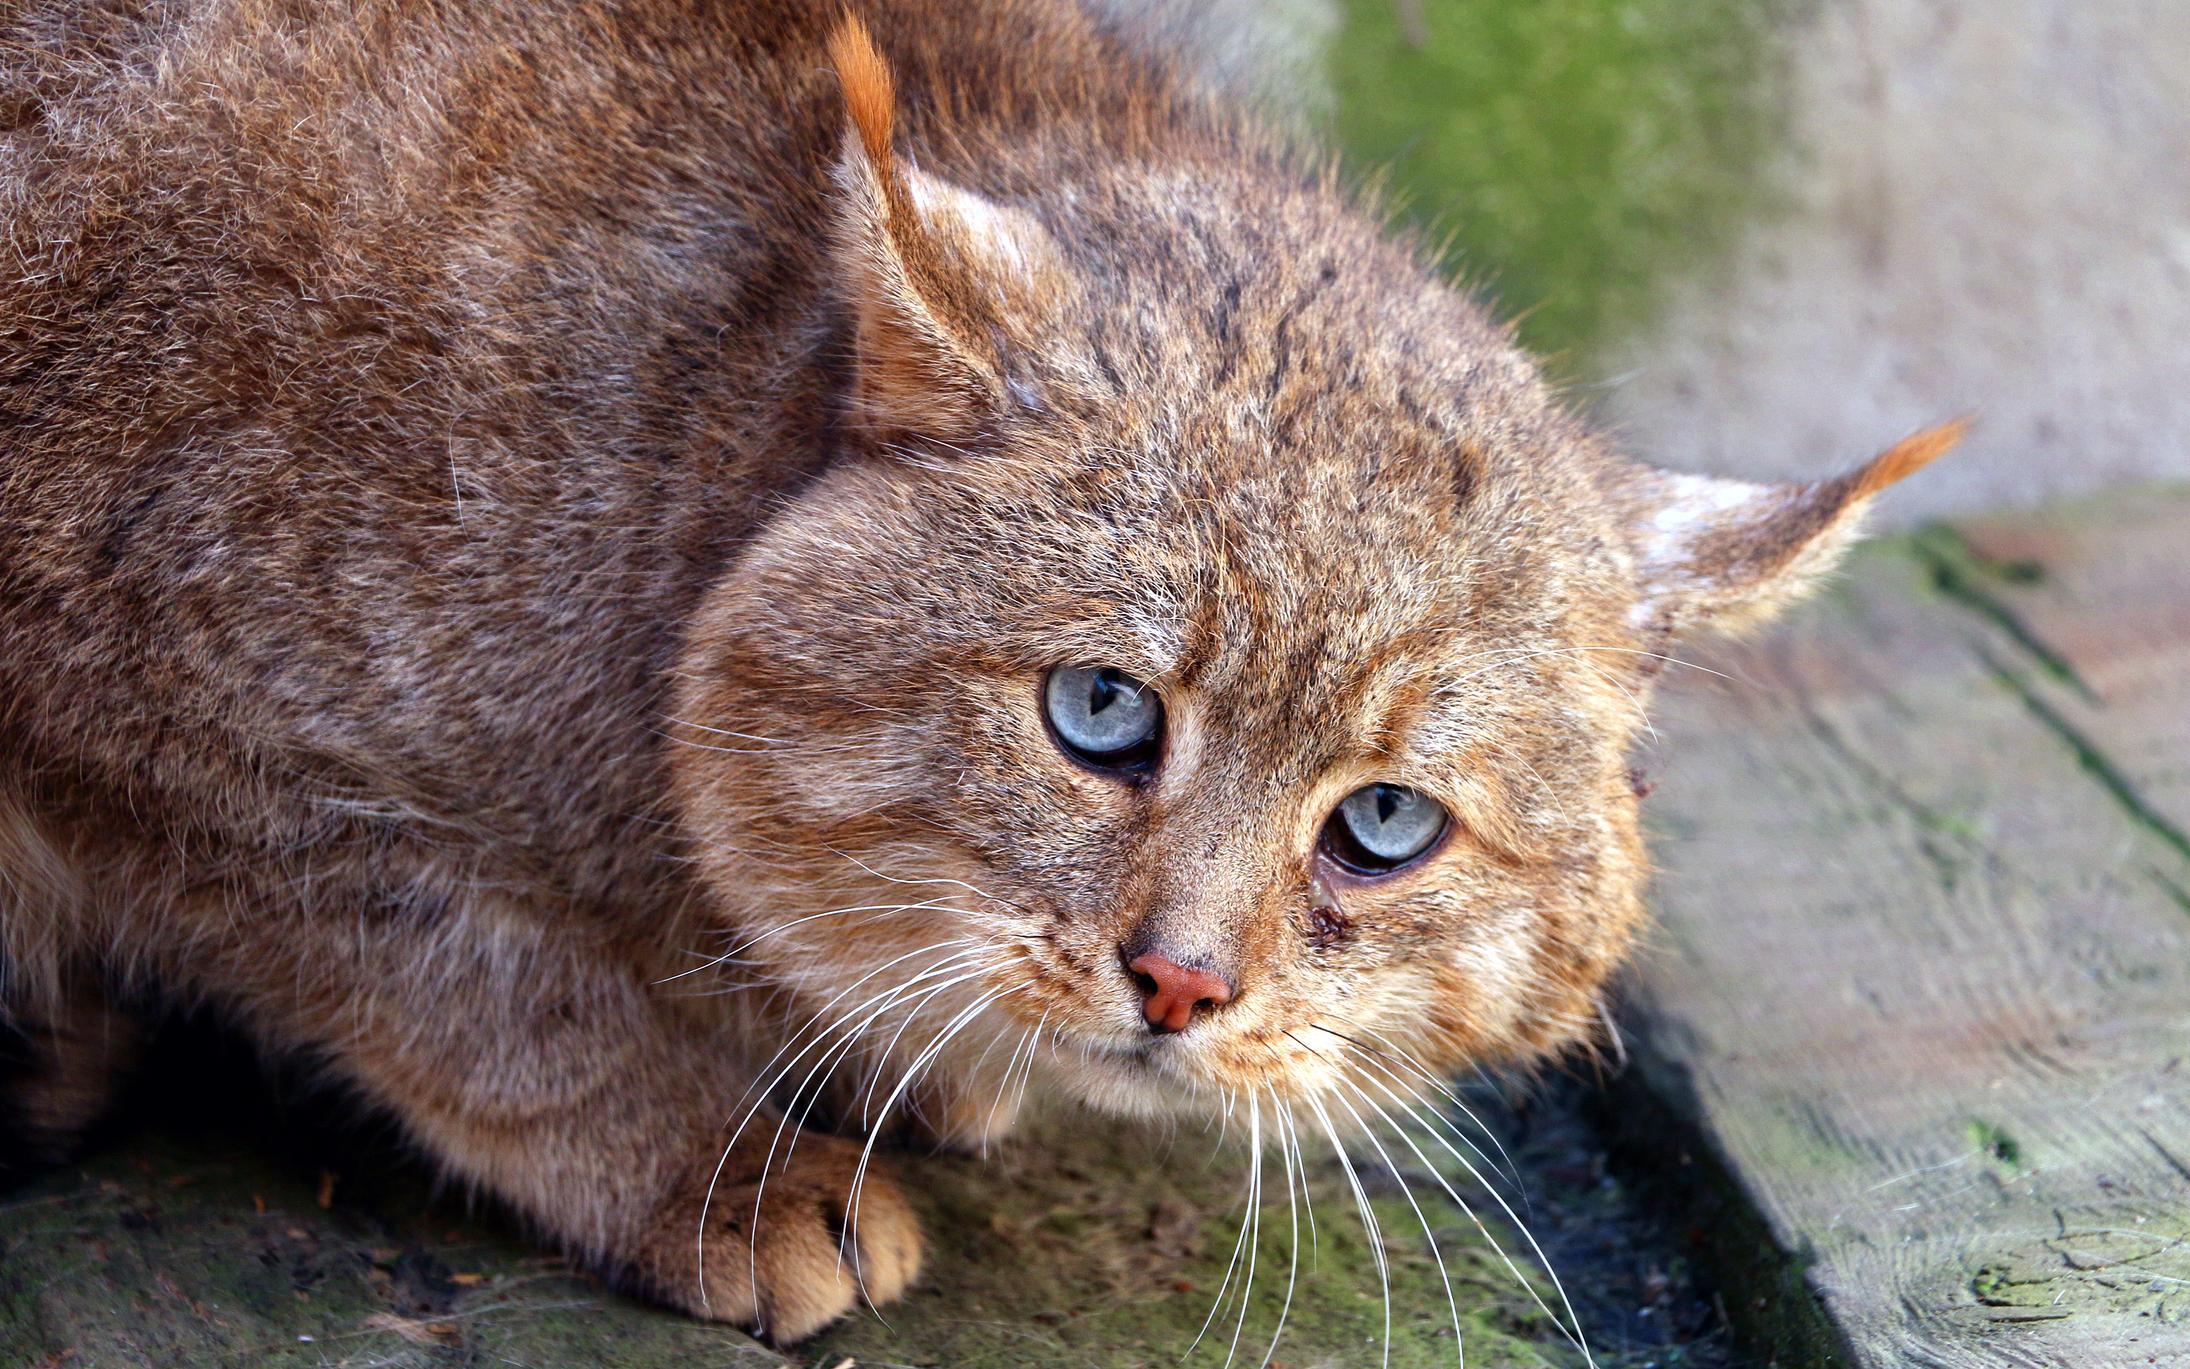 Ученые исключили происхождение китайских домашних кошек от китайских горных кошек